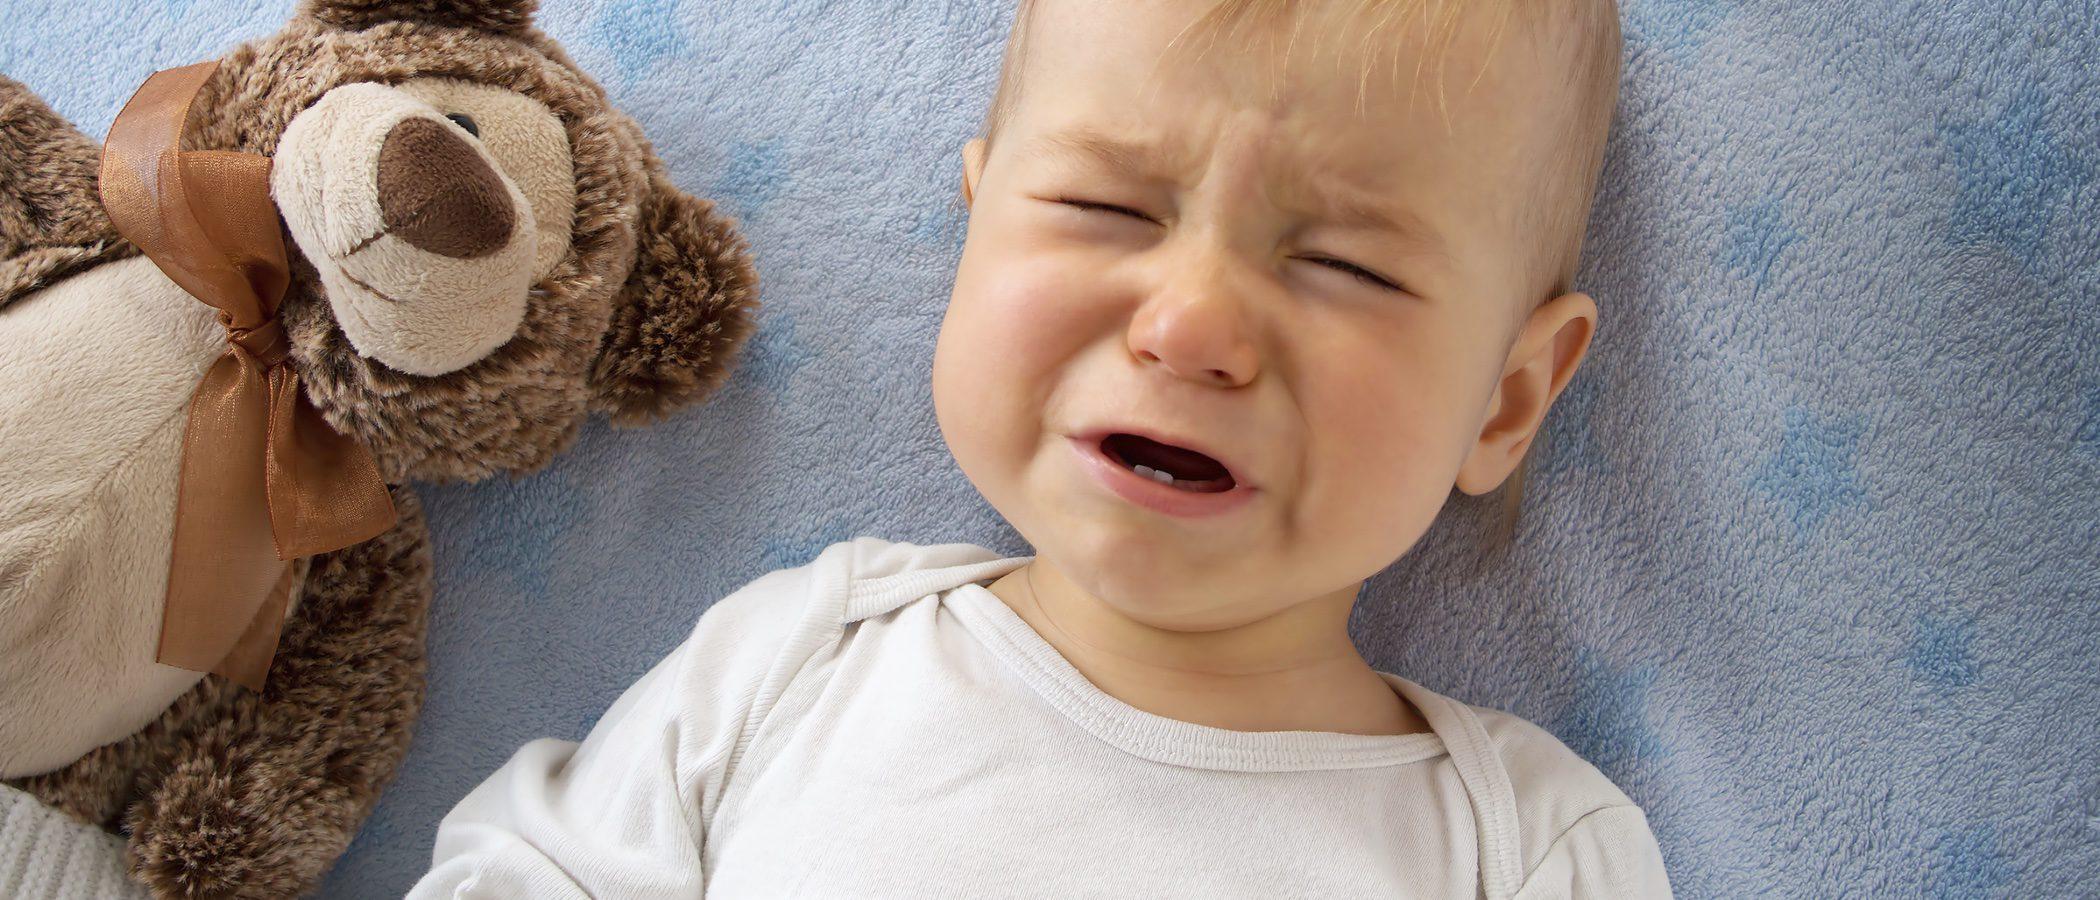 Técnicas para aliviar el llanto del bebé